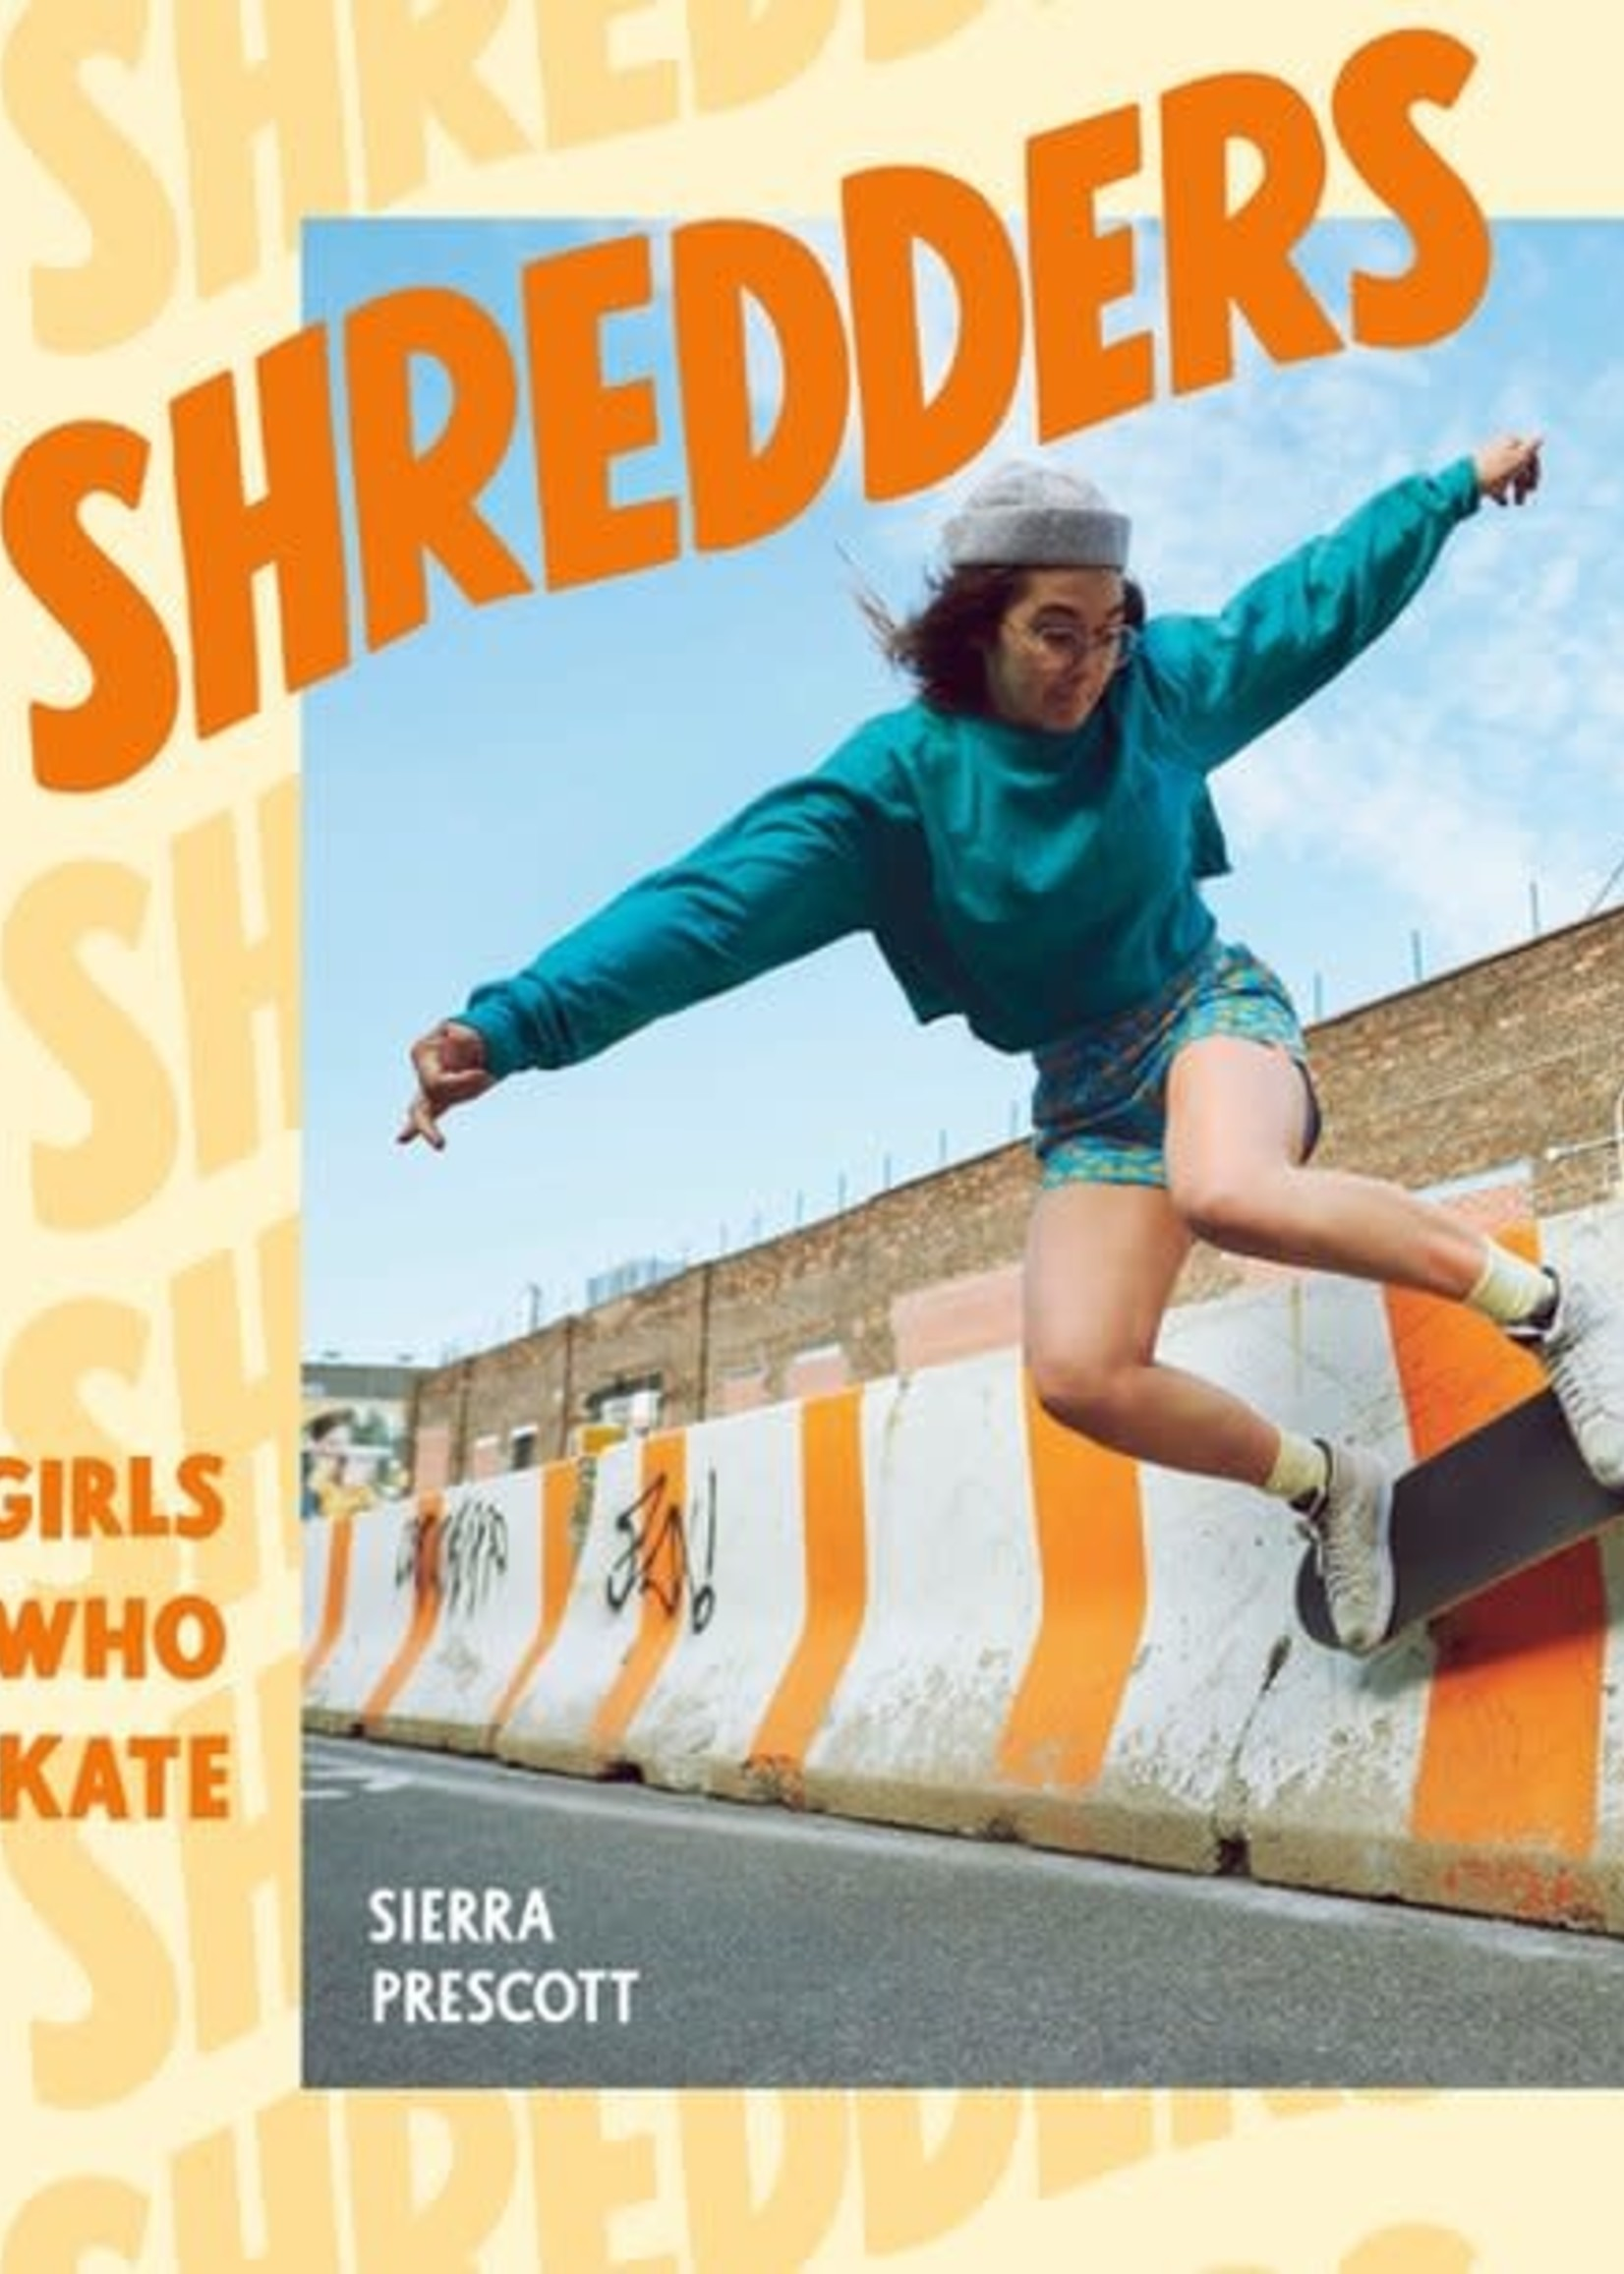 PENGUIN RANDOM HOUSE SHREDDERS GIRLS WHO SKATE BOOK